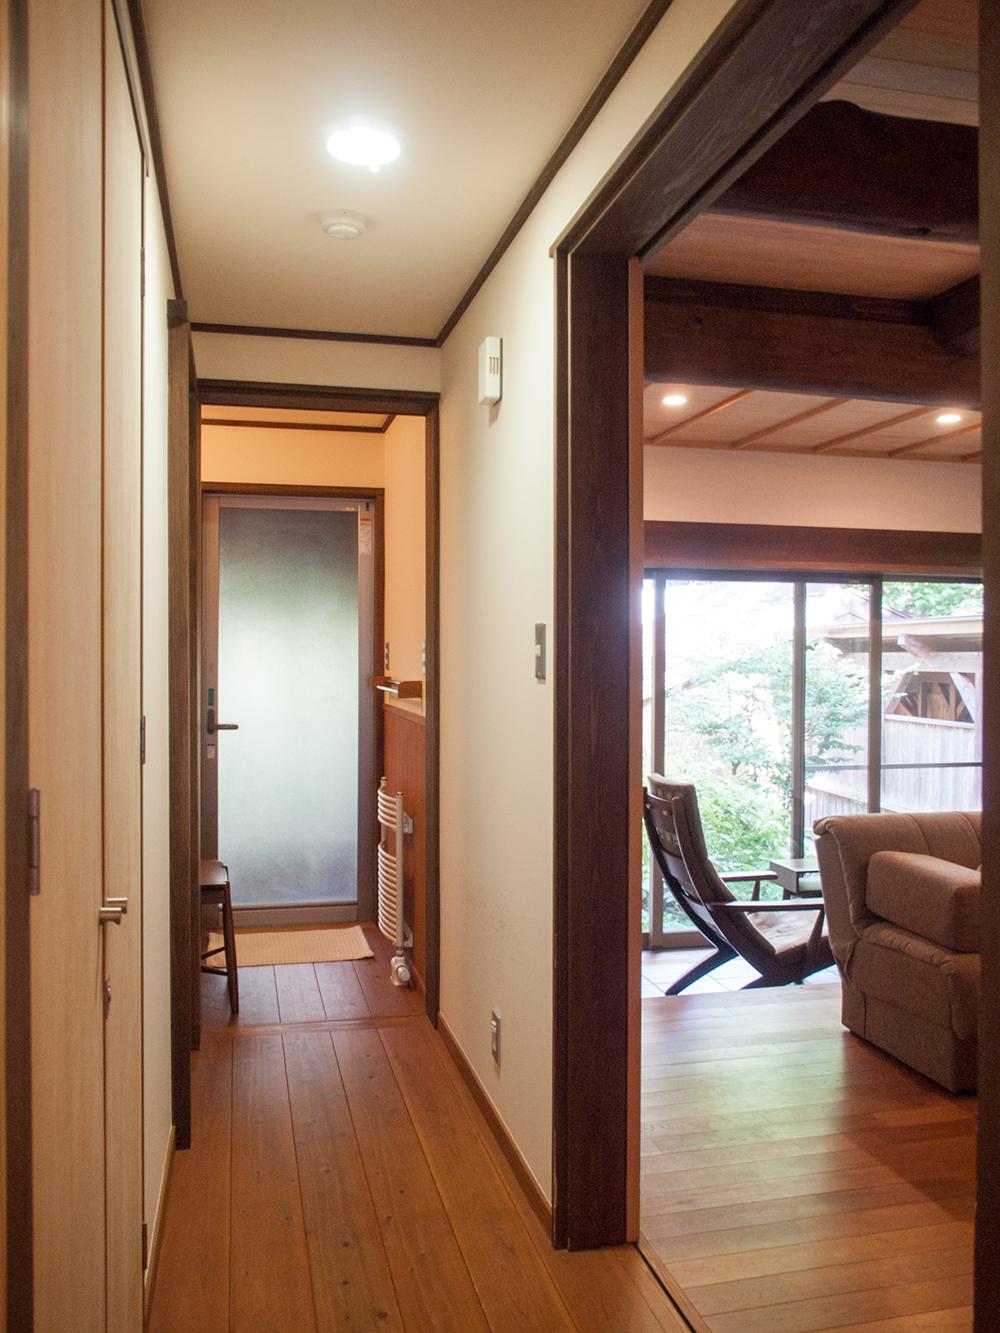 尚文の離れ 露天風呂付き客室のお部屋の様子